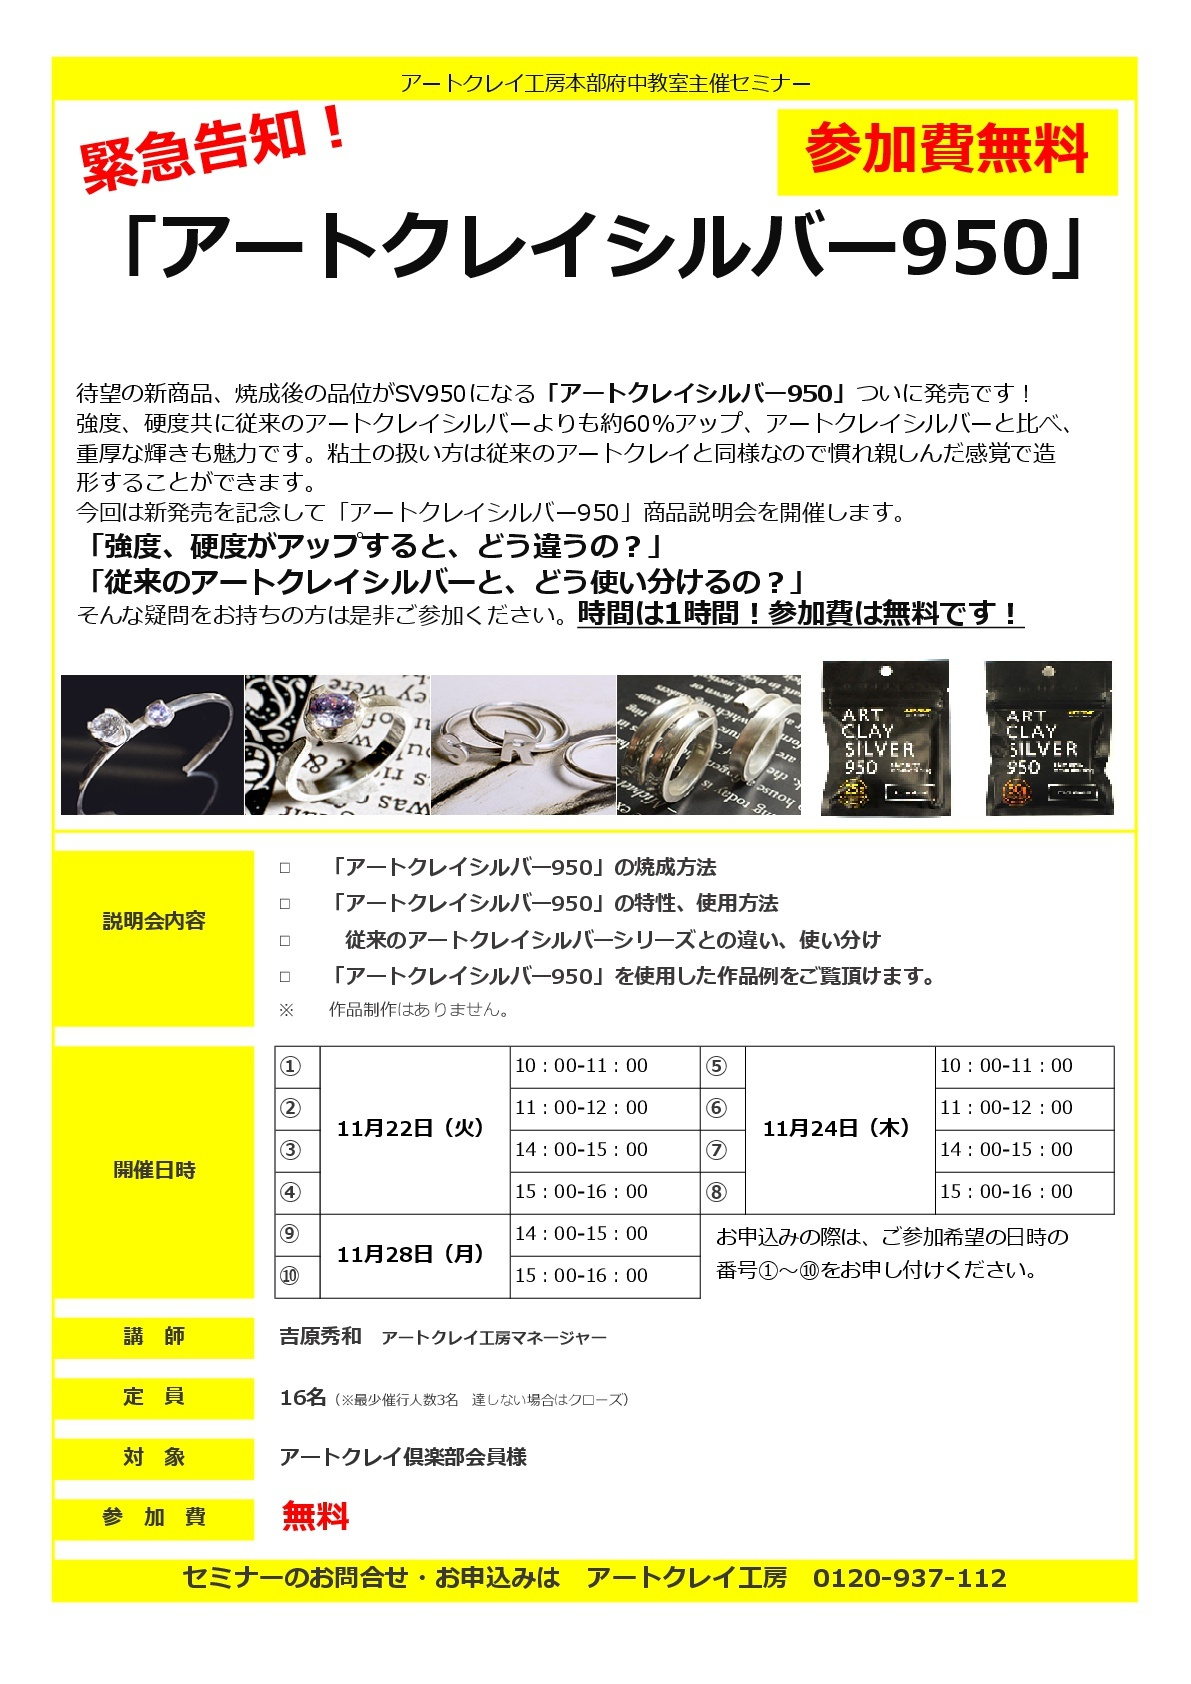 【緊急告知こうぼうニュース】950粘土の商品説明会_f0181217_09340127.jpg